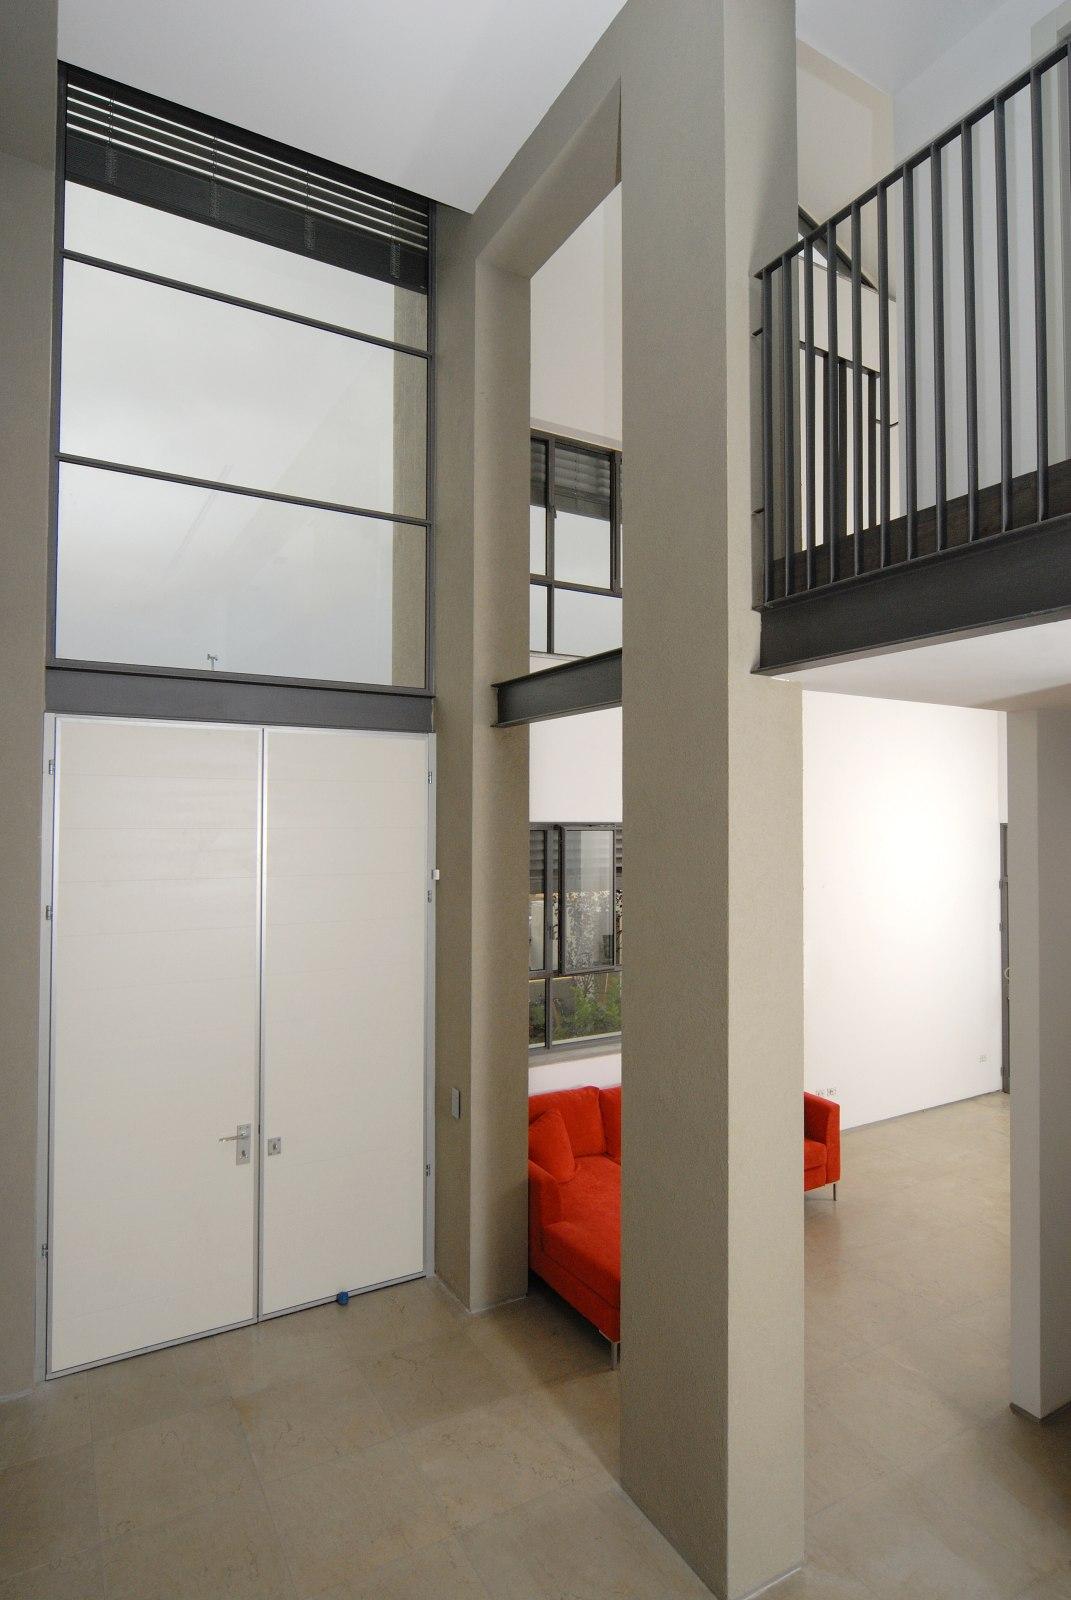 חלל כפול ודלת כניסה גדולה. אדריכלות עכשוית